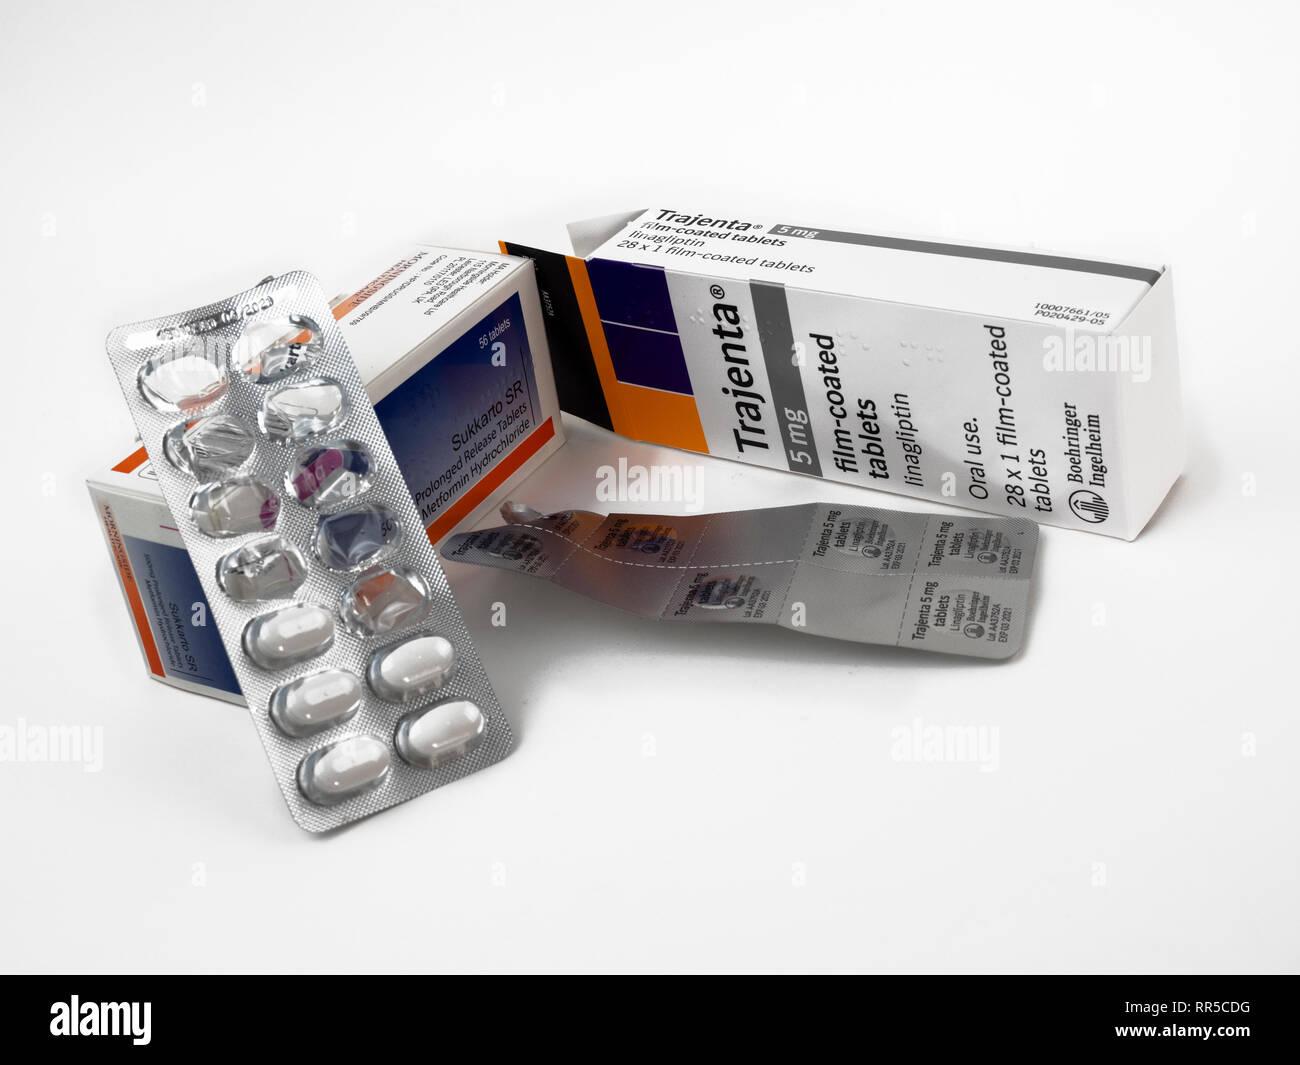 Lente, la metformine et la linagliptine (Trajenta) des médicaments pour le diabète de type 2 Photo Stock